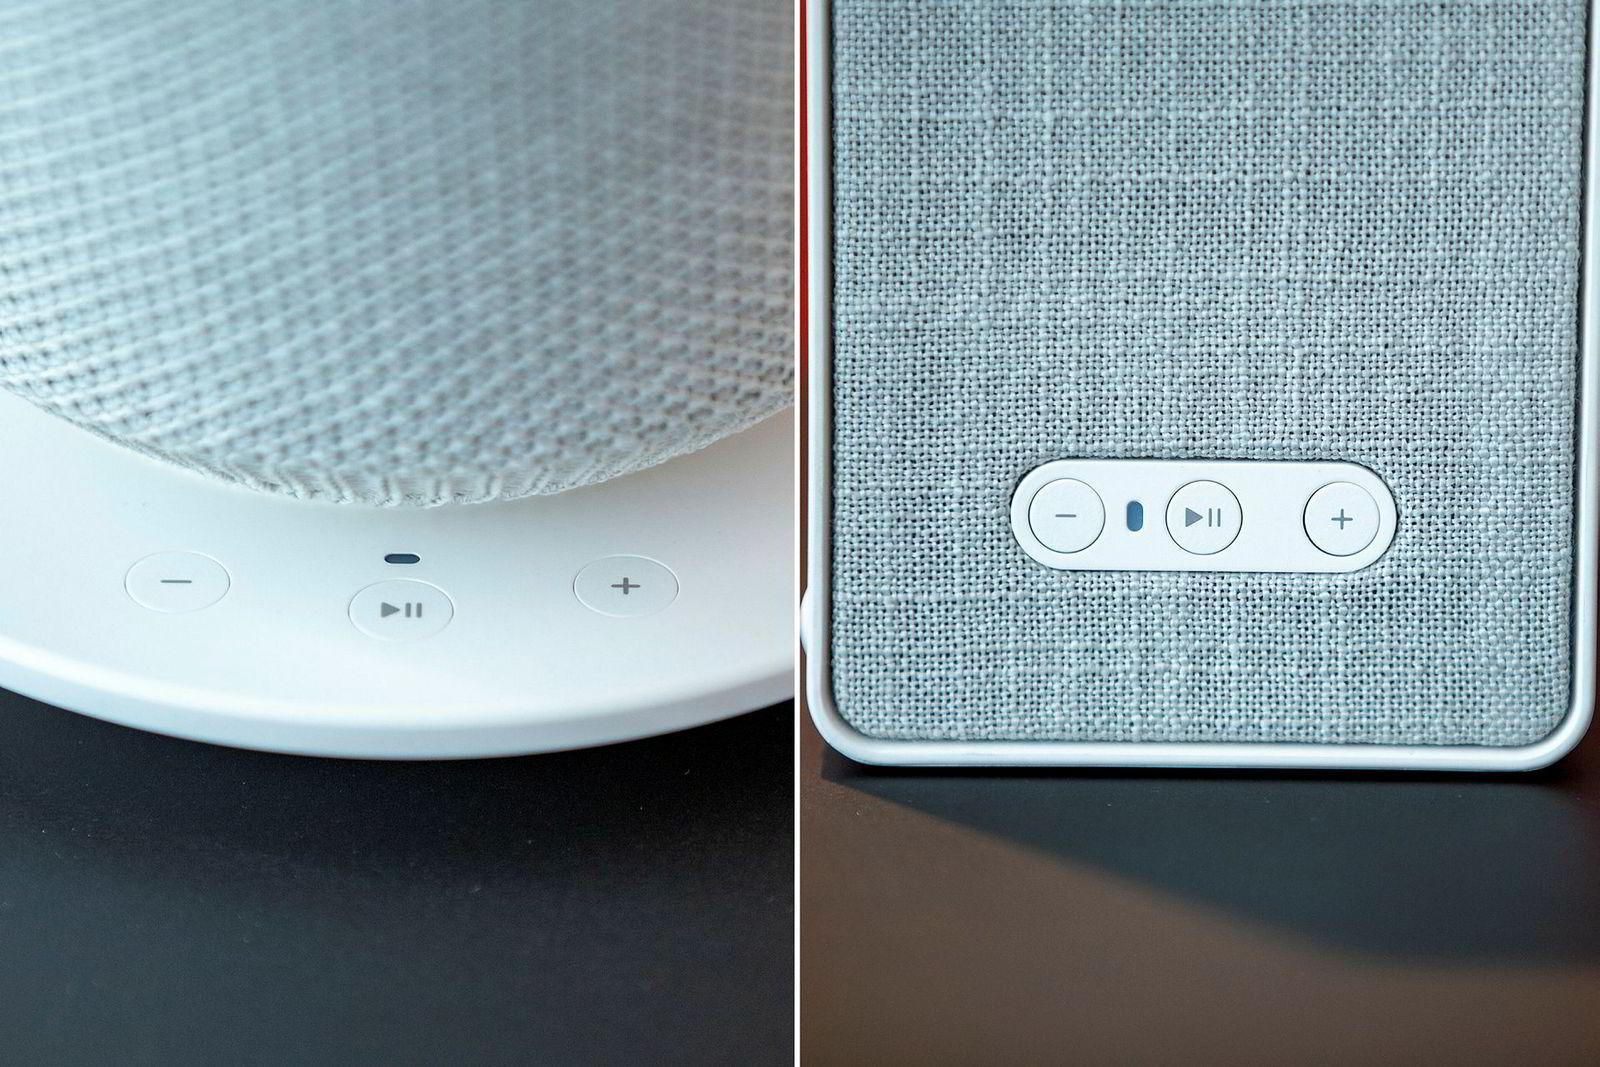 Symfonisk-høyttalerne har de samme knappene som Sonos pleier å ha, diskret innfelt.